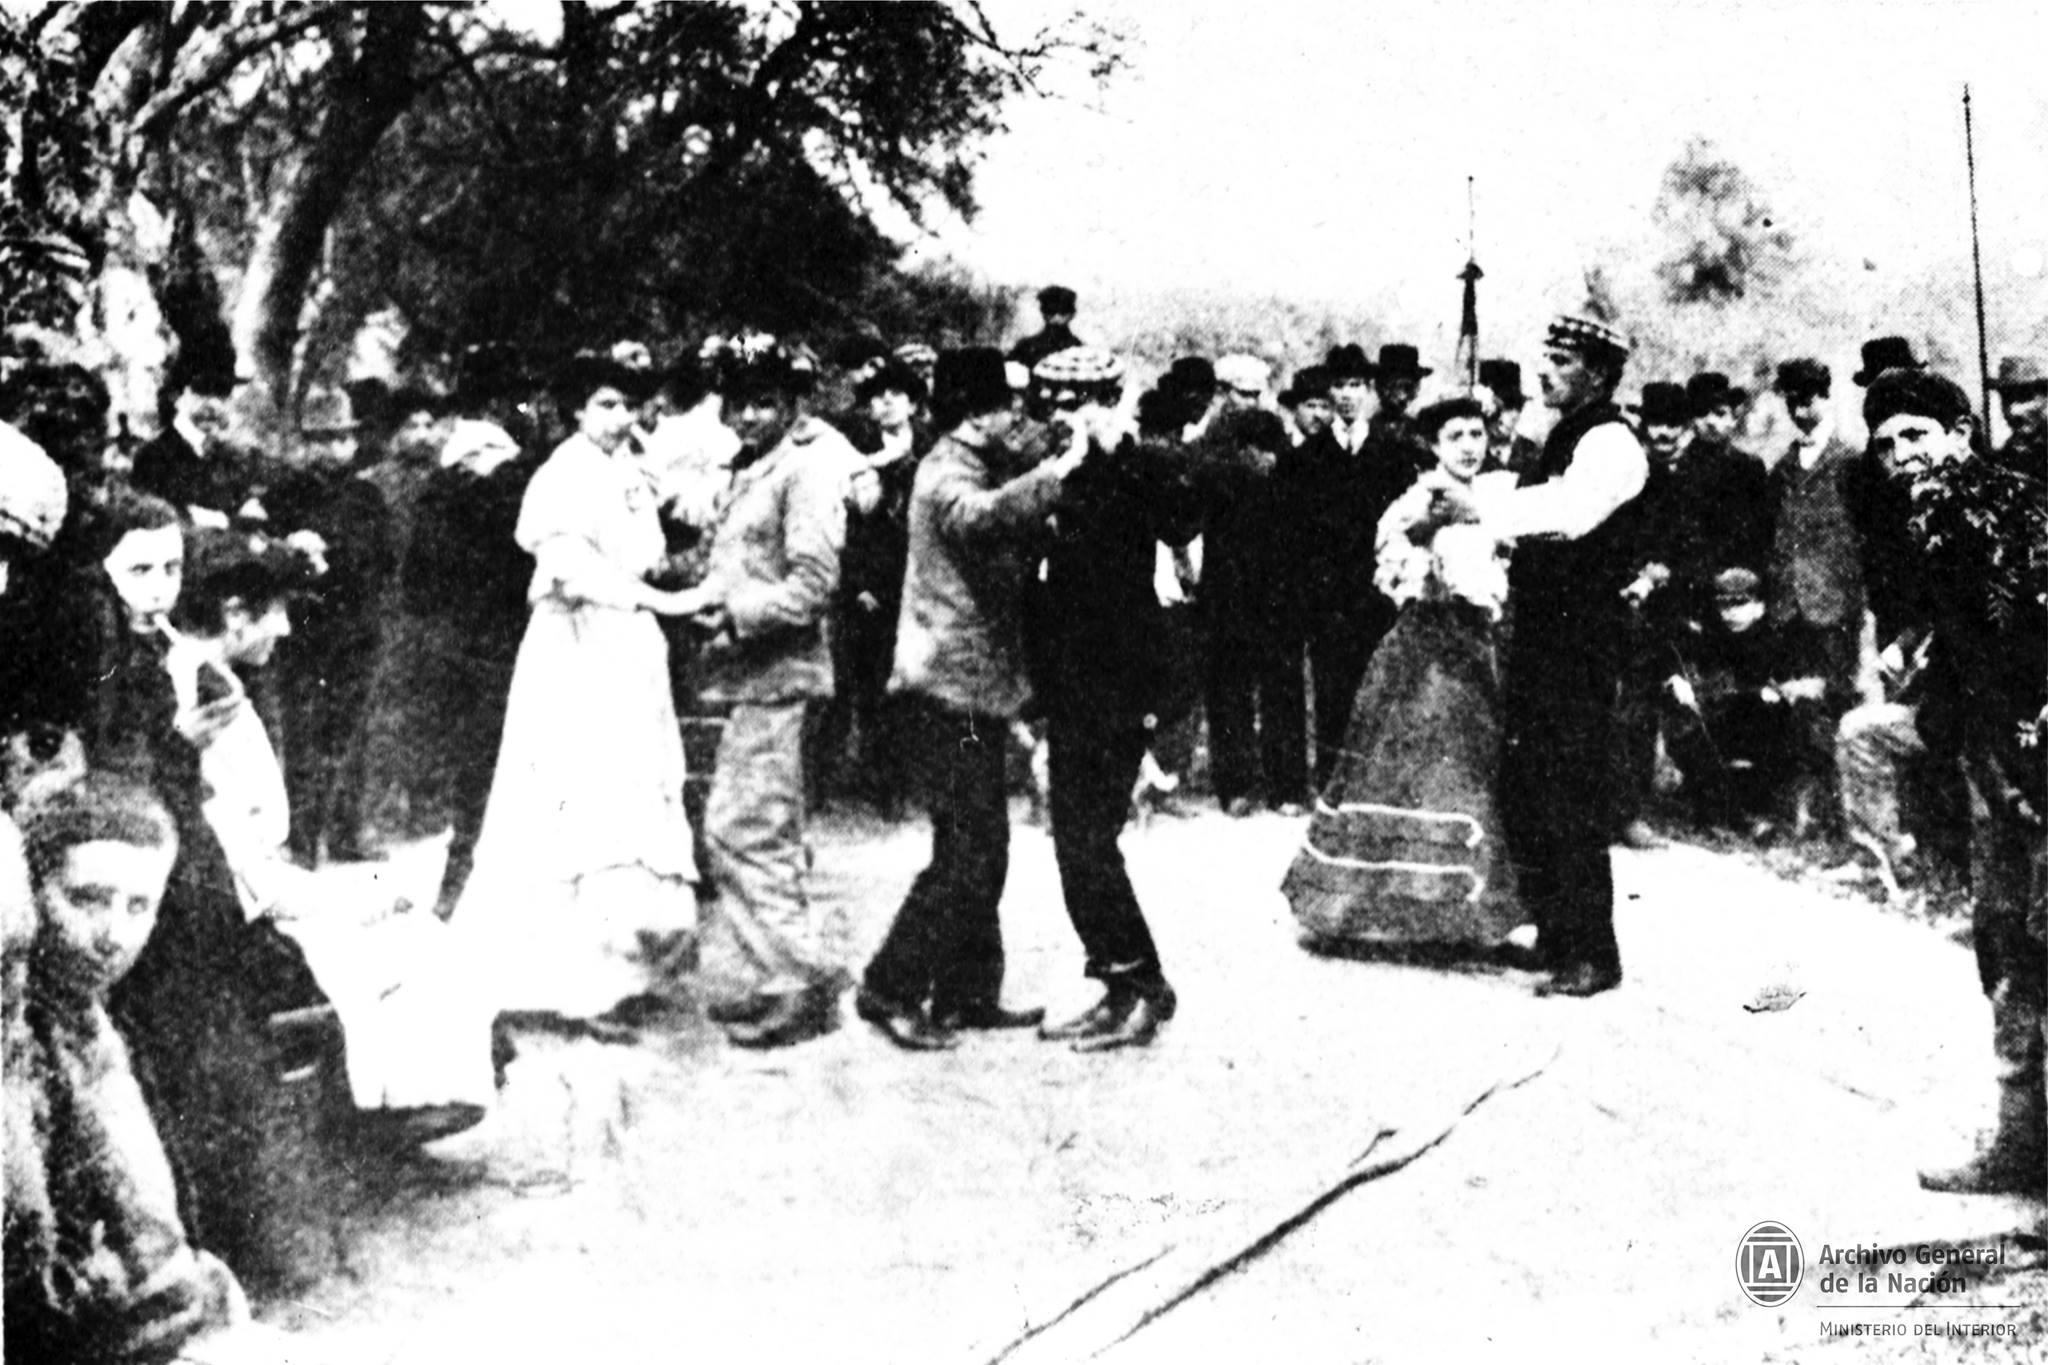 """Buenos Aires. """"Bailando tango en Palermo Archivo General de Nación 1890"""""""